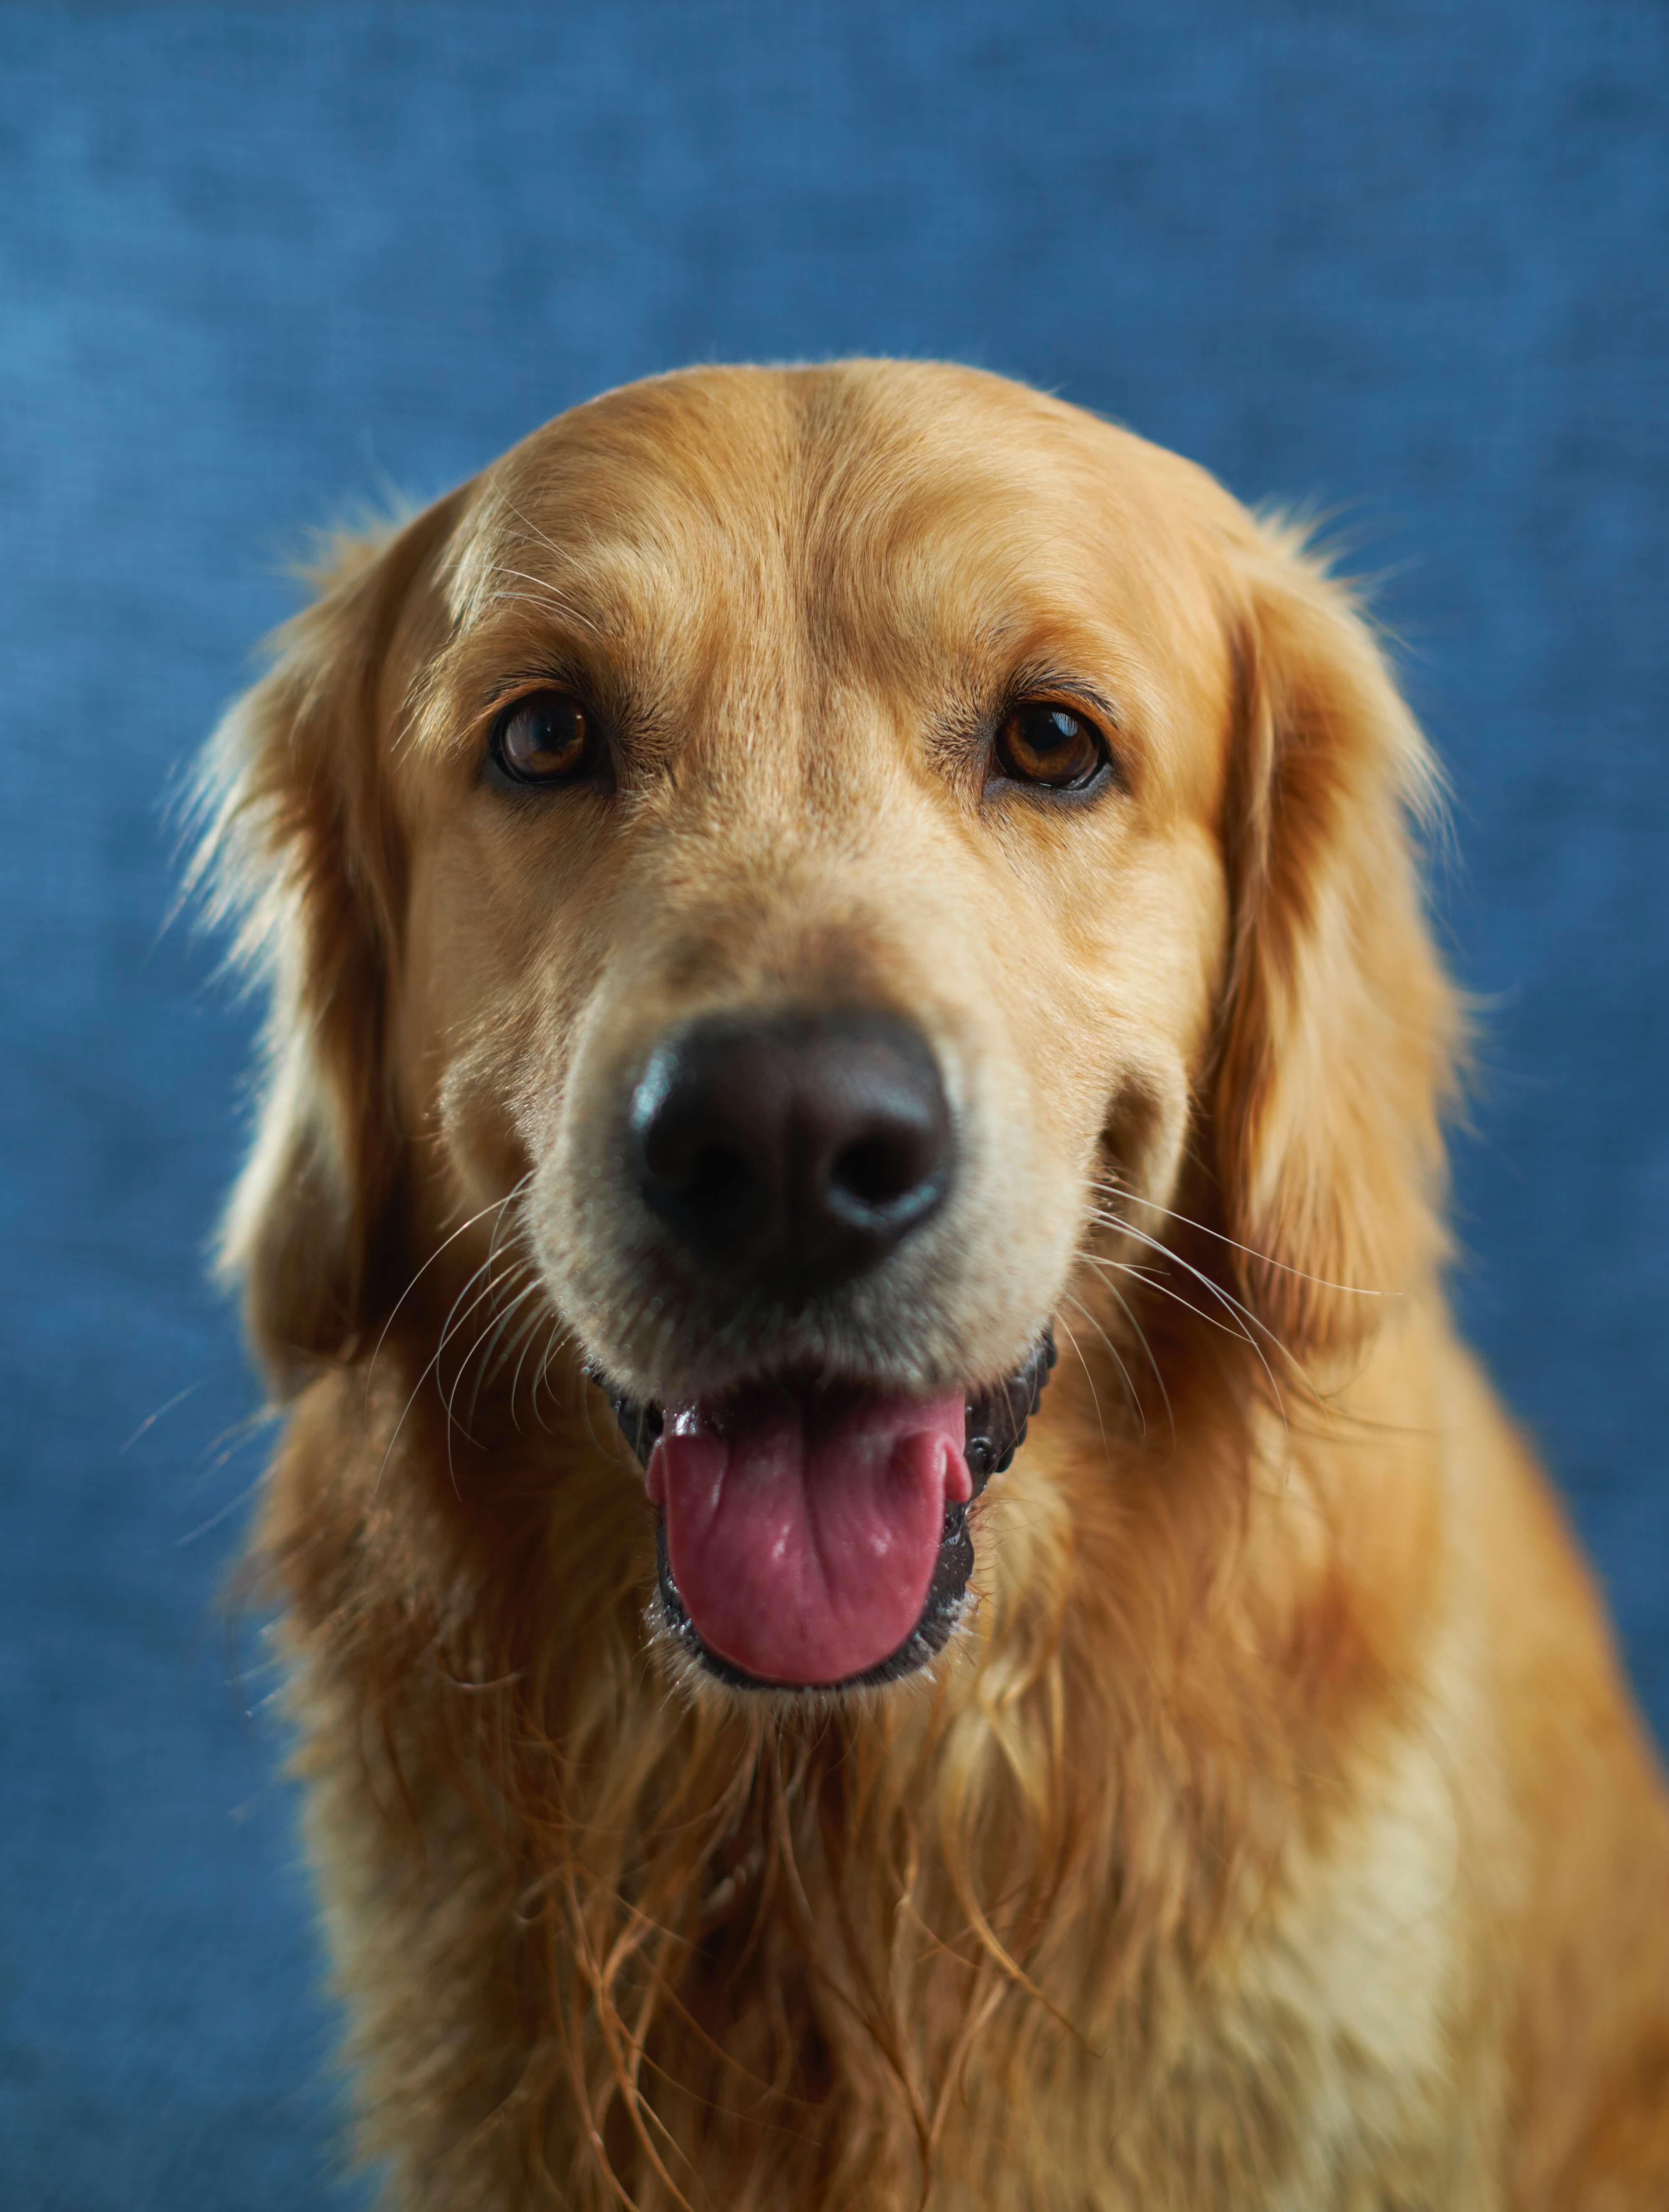 provoca minzione frequente nei cani